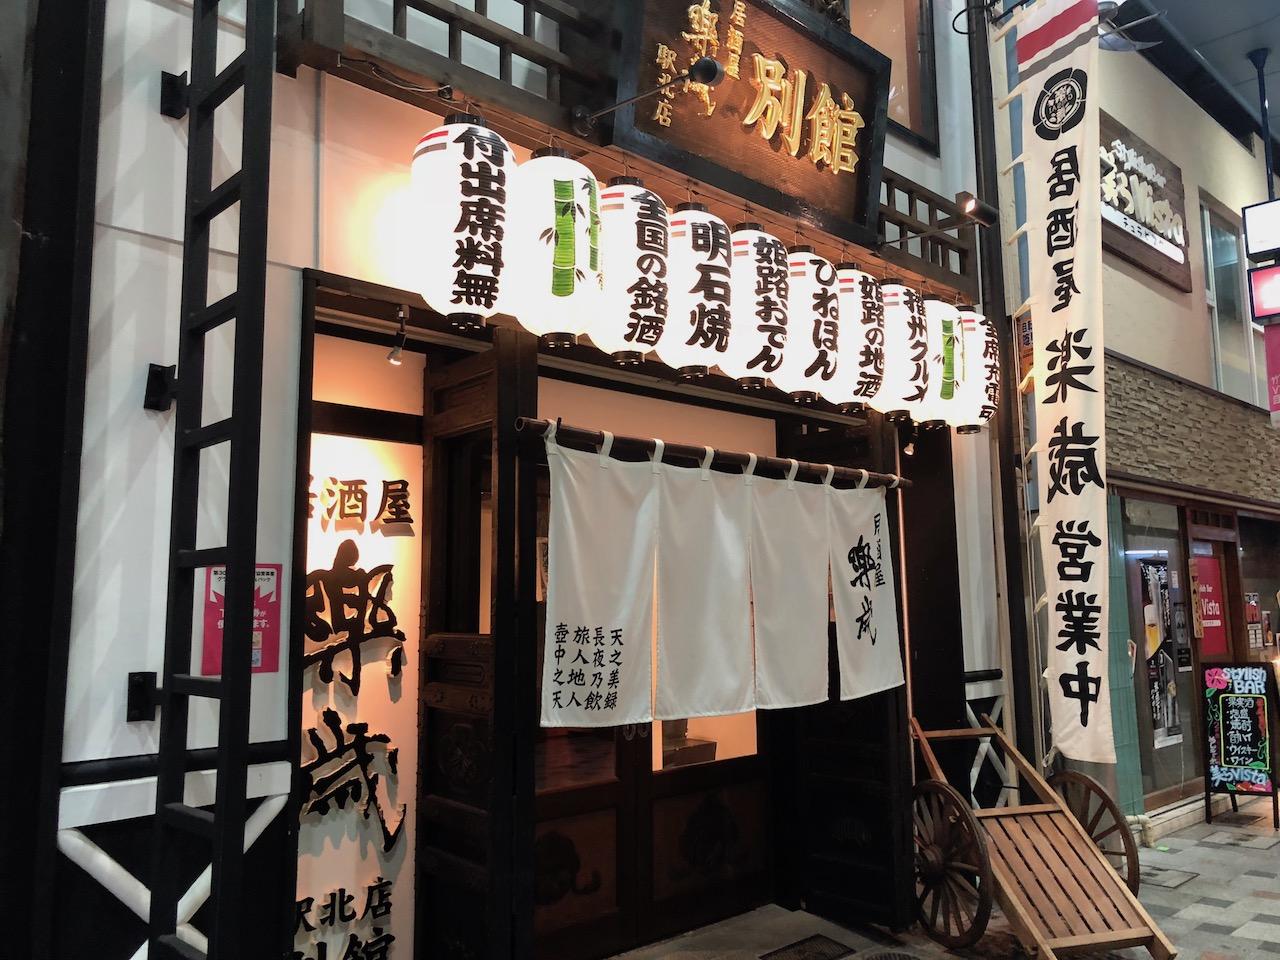 米焼酎が飲める居酒屋!楽歳(がっさい)姫路駅北店別館でお酒飲んできましたよ!